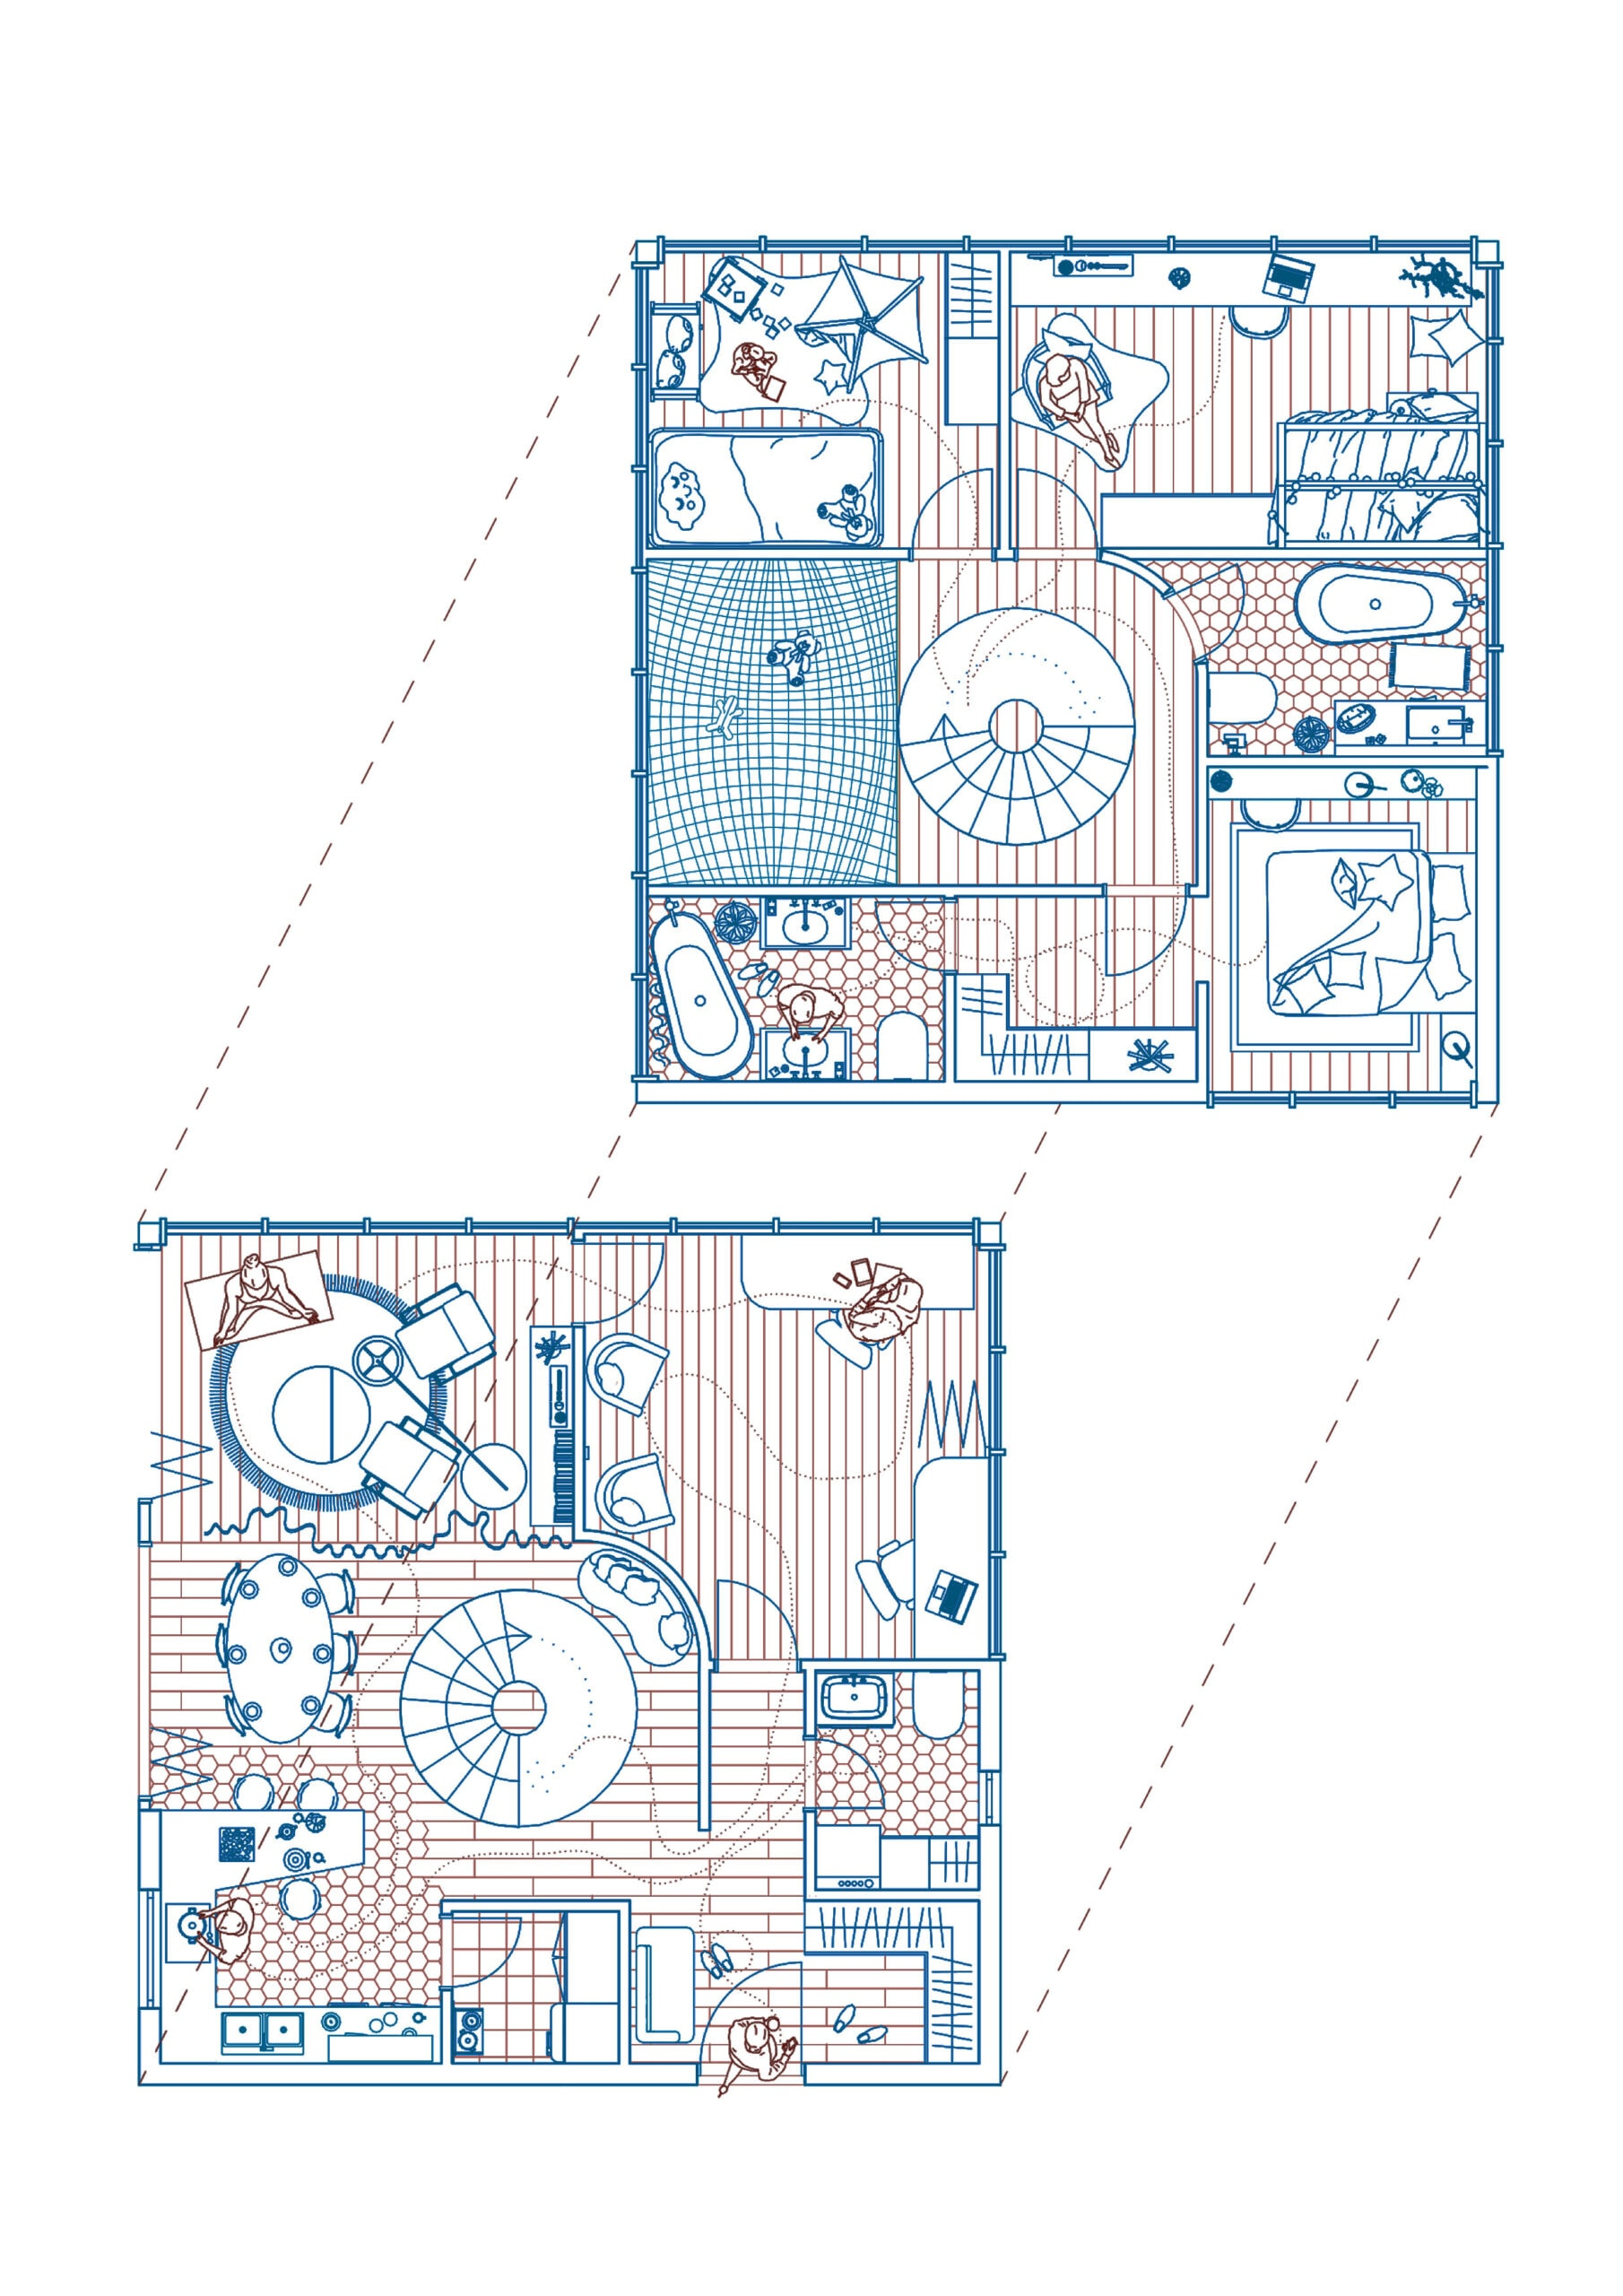 18268_Co-habitation works_Unit